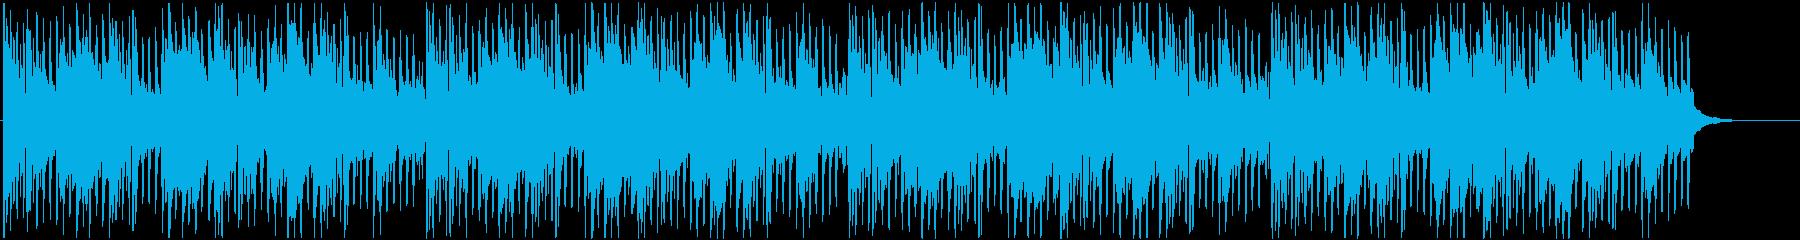 ポップ系 アコギの爽やか四つ打ちビートの再生済みの波形